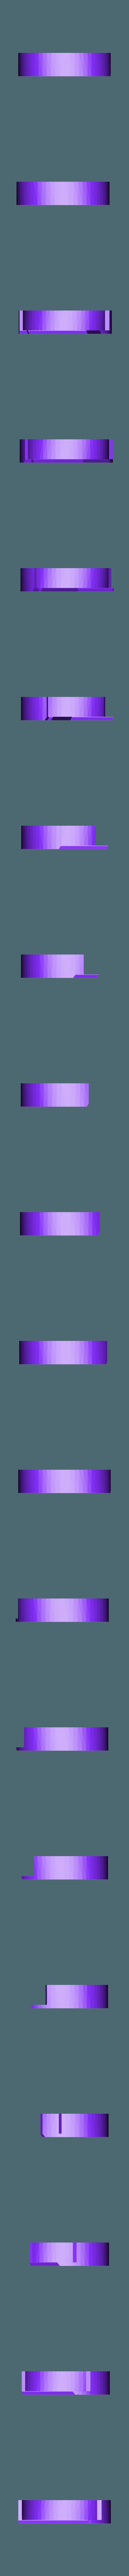 Arduino_nano_cover.STL Télécharger fichier STL gratuit Casque de disco • Objet pour imprimante 3D, Electromaker_Kits